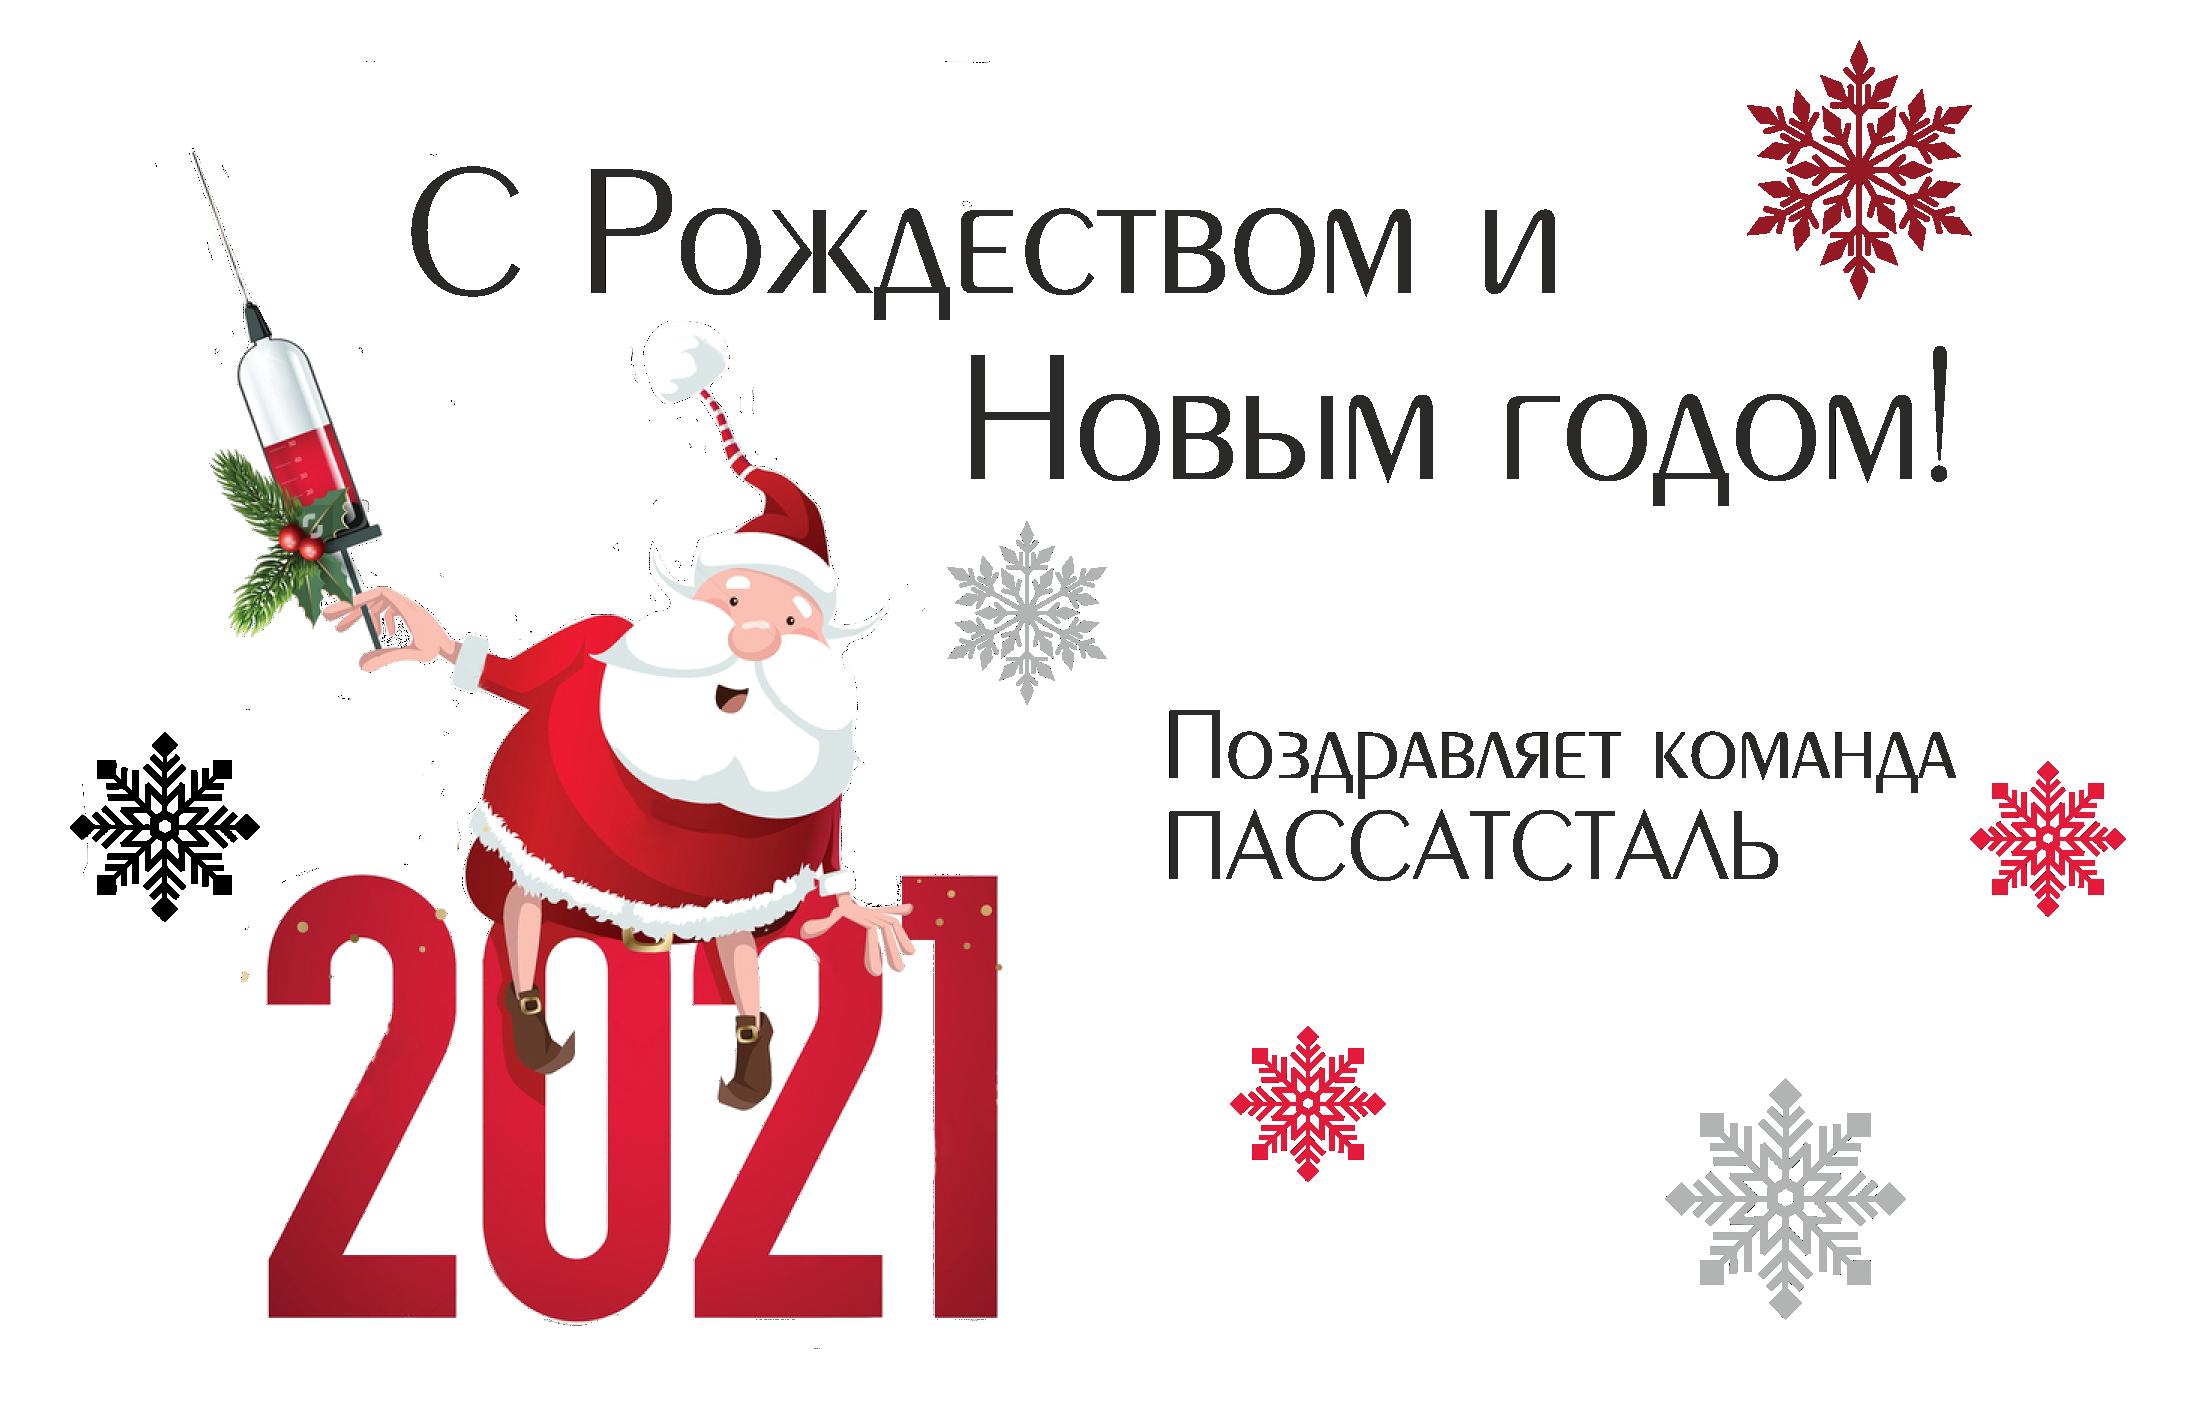 ПАССАТСТАЛЬ поздравляет с Новым годом и Рождеством